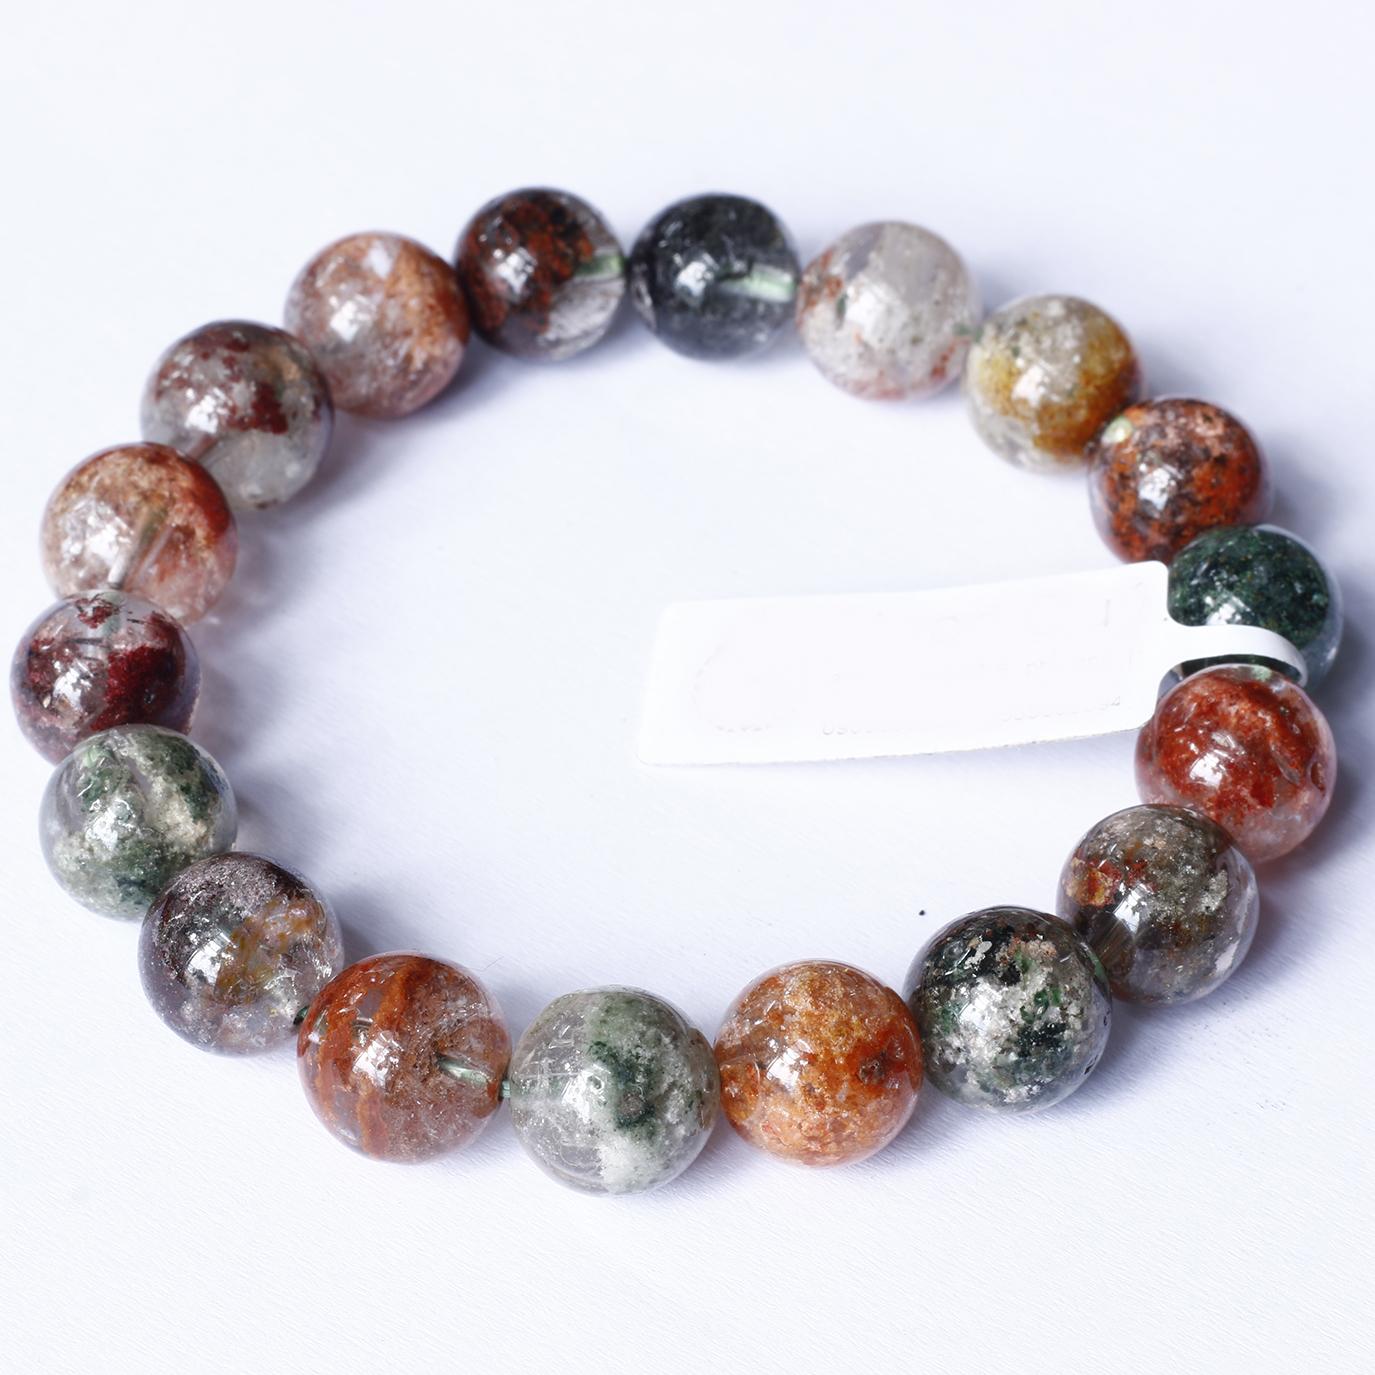 Vòng tay trơn đá thạch anh ưu linh đa sắc size hạt 10mm - Ngọc Quý Gemstones - Nhiều màu - Freesize 1.500.000đ(- 20 %)Bảo hành:24 tháng